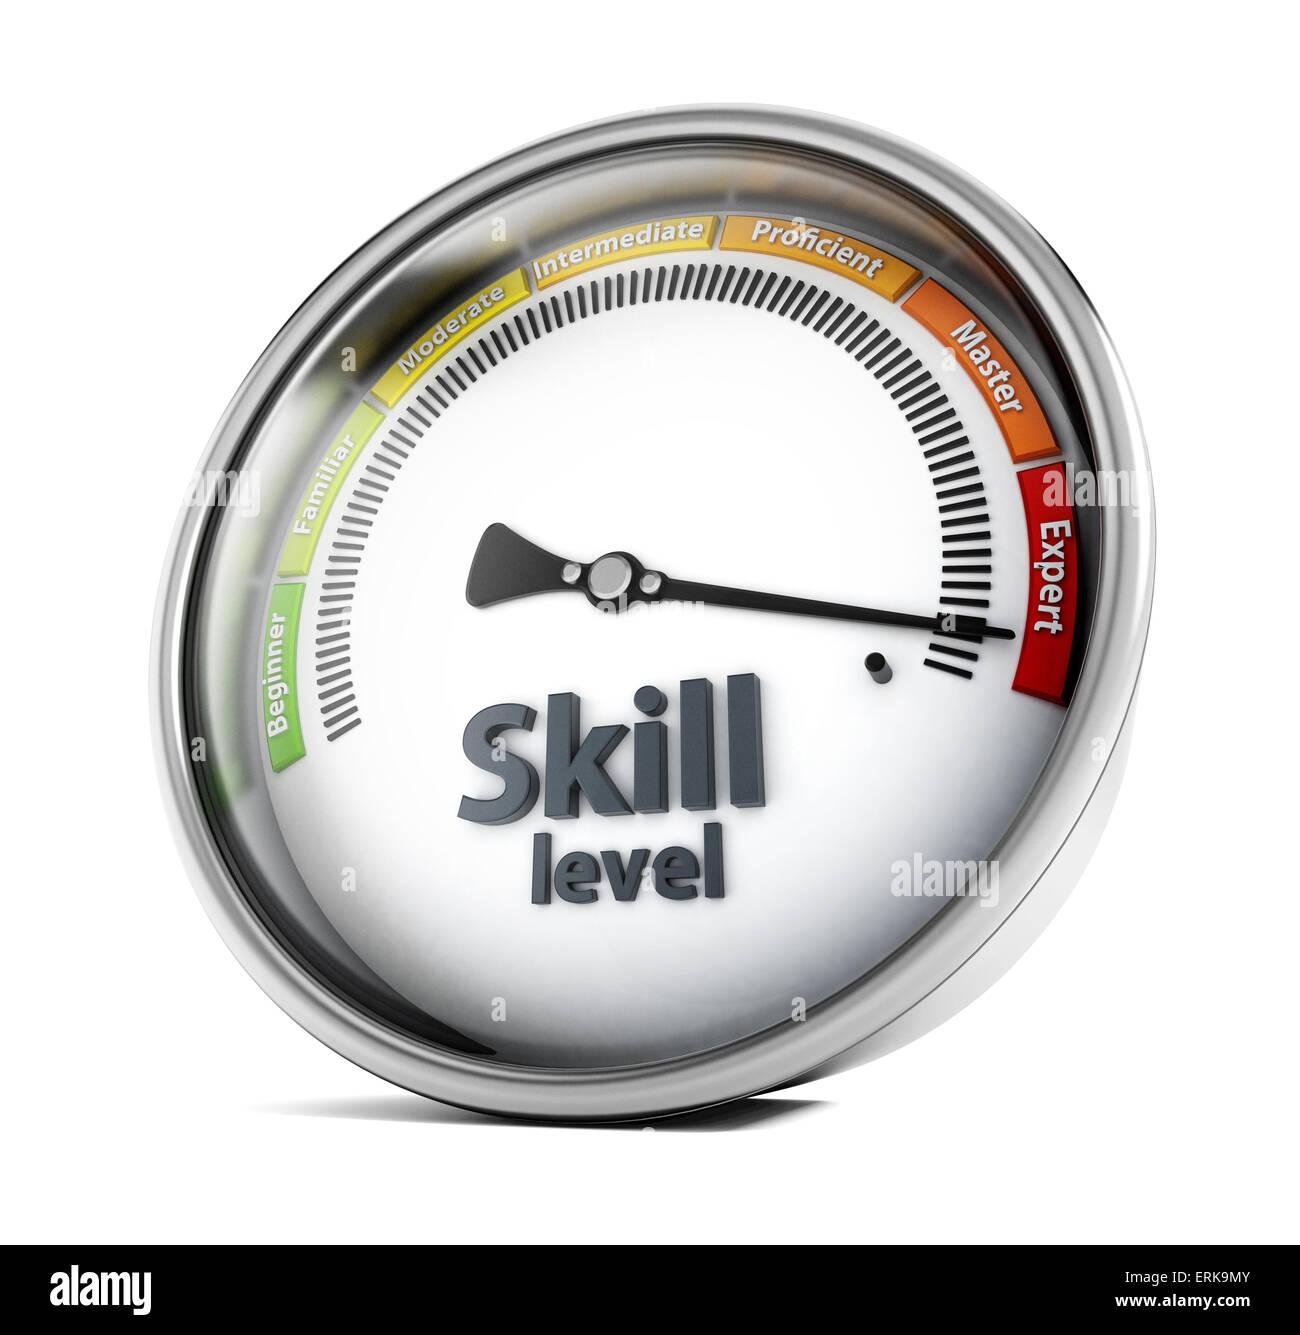 Indicateur de niveau de compétences représentant entre débutant et expert des niveaux de compétence. Photo Stock